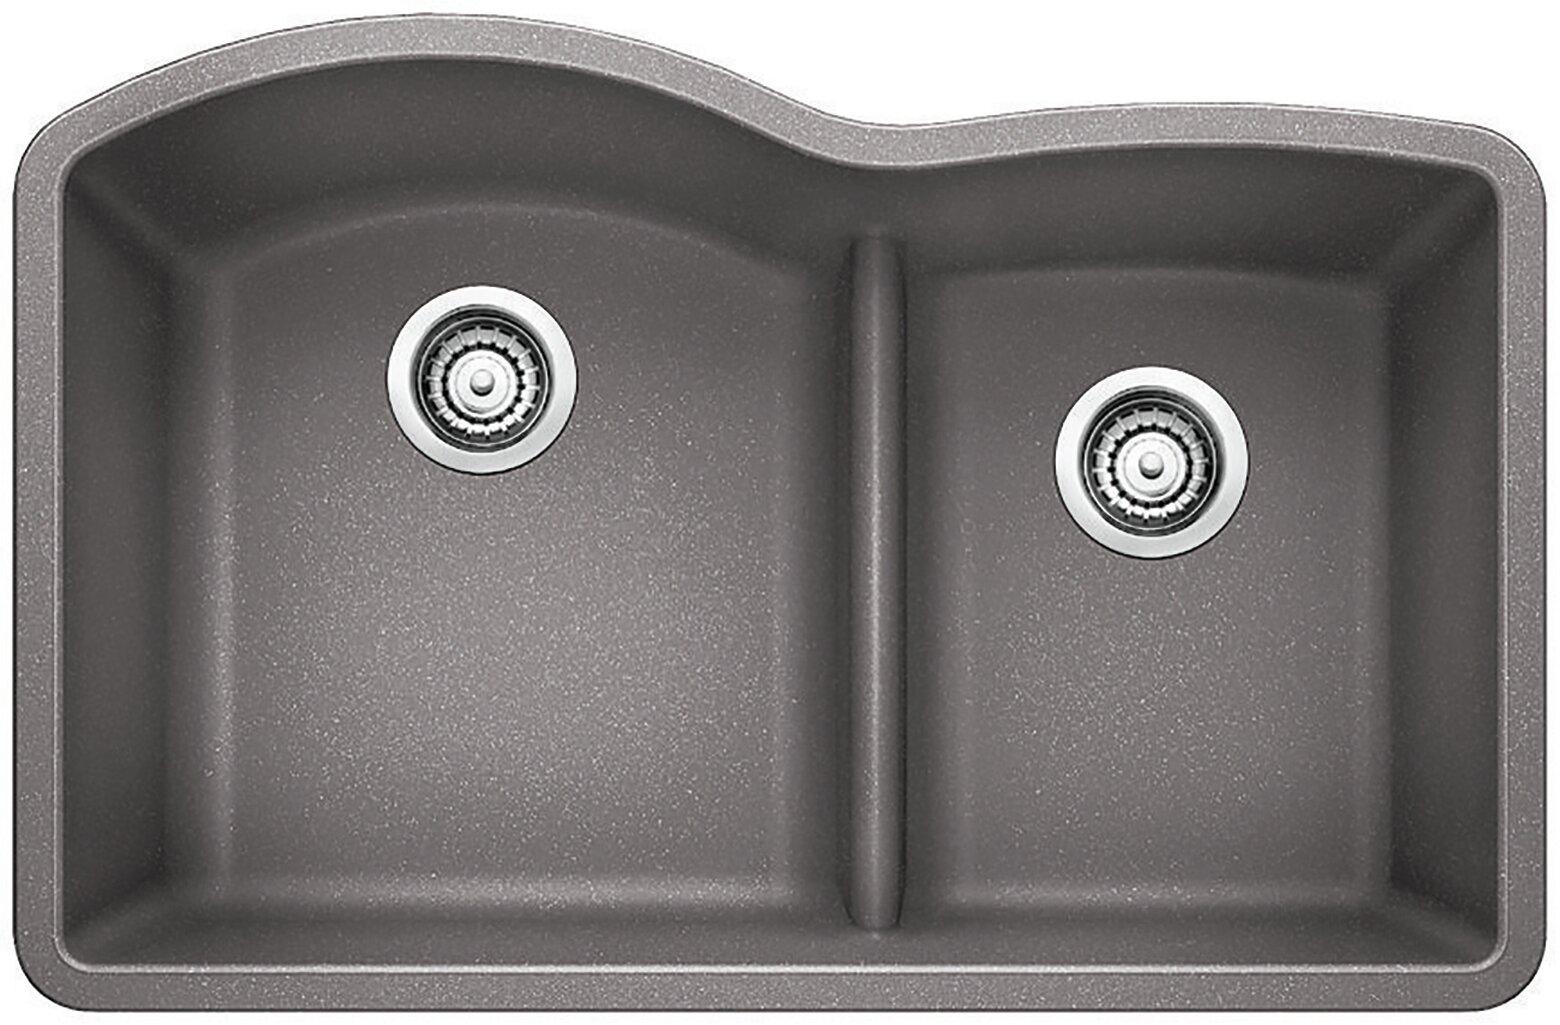 Groovy 33X22 Kitchen Sink Wayfair Download Free Architecture Designs Osuribritishbridgeorg